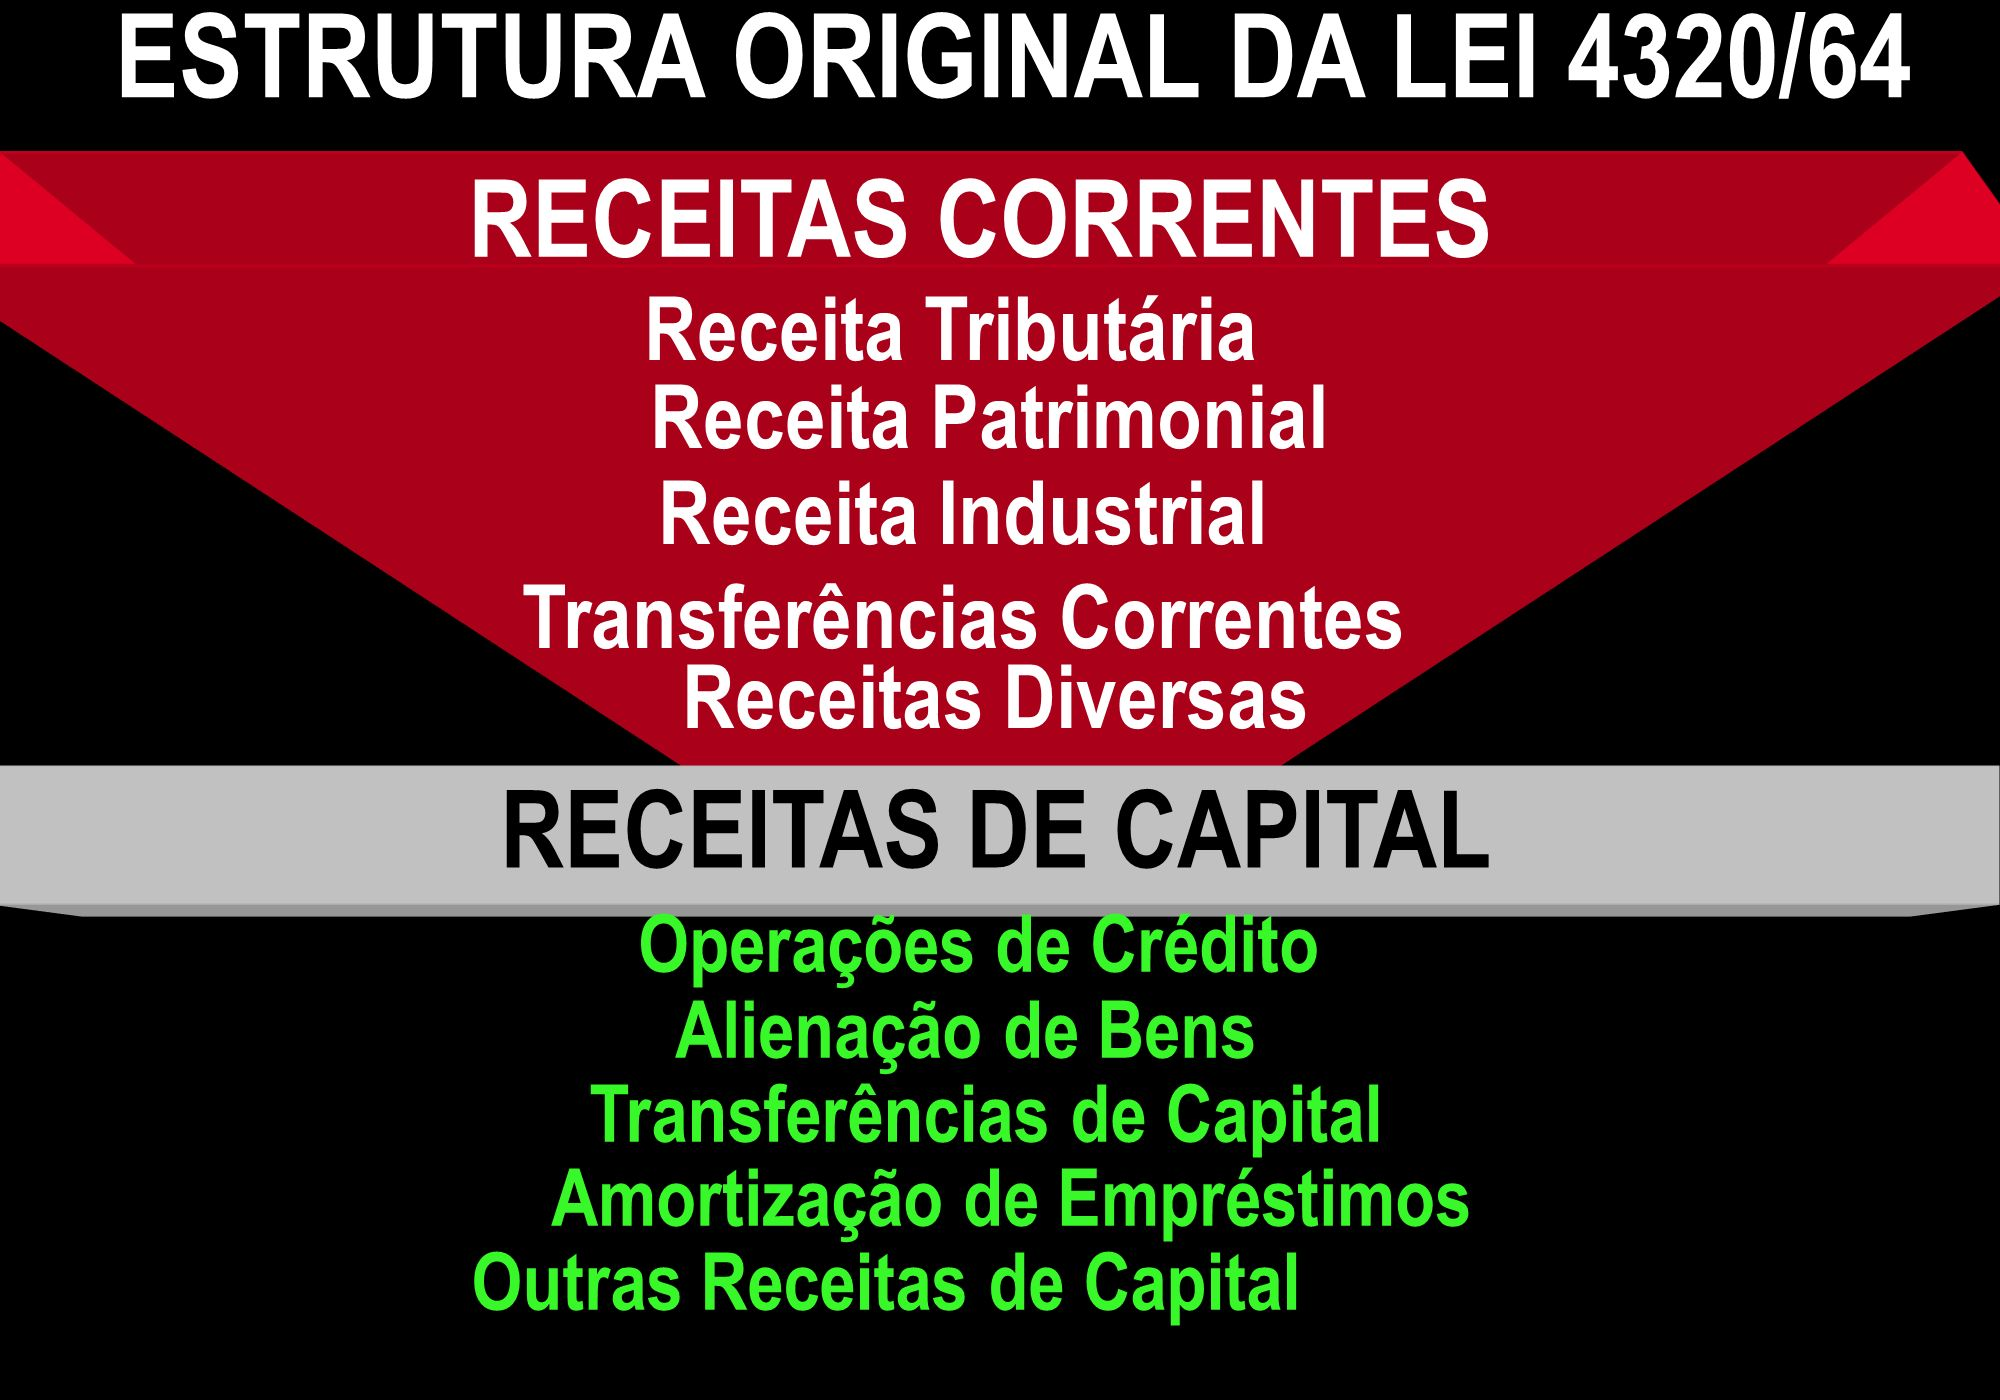 ESTRUTURA ORIGINAL DA LEI 4320/64